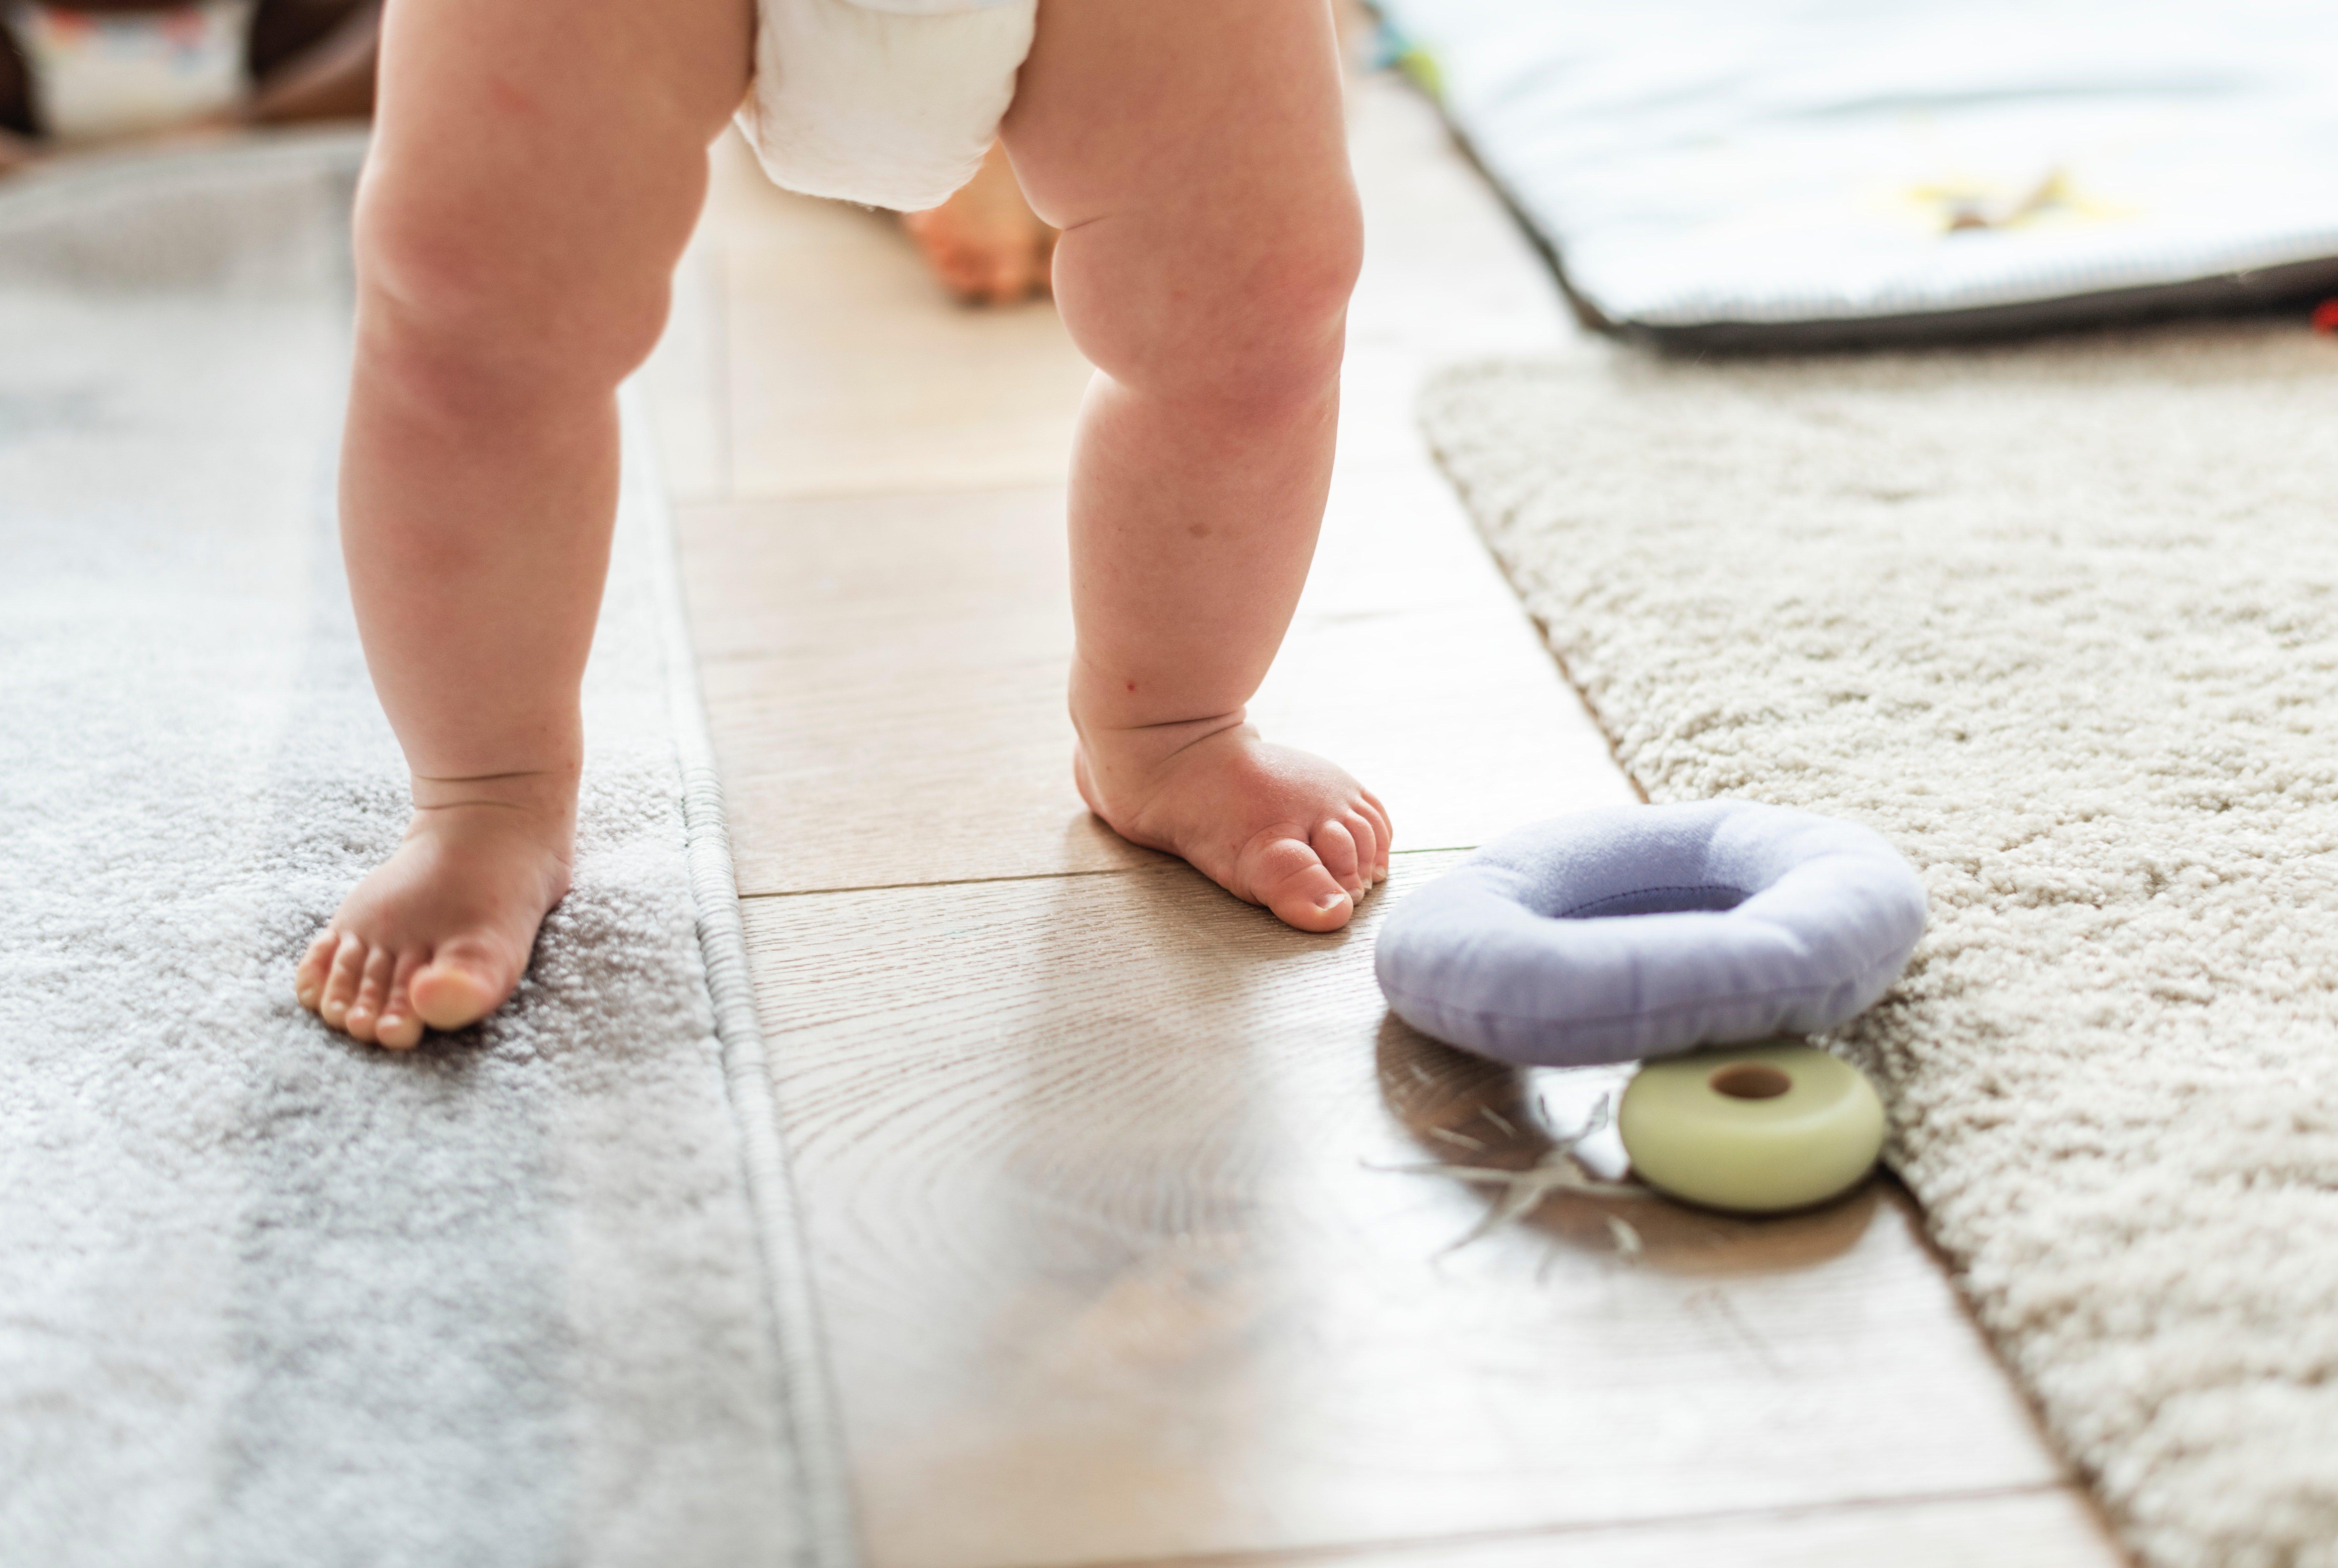 Podología infantil: prevención con paso firme